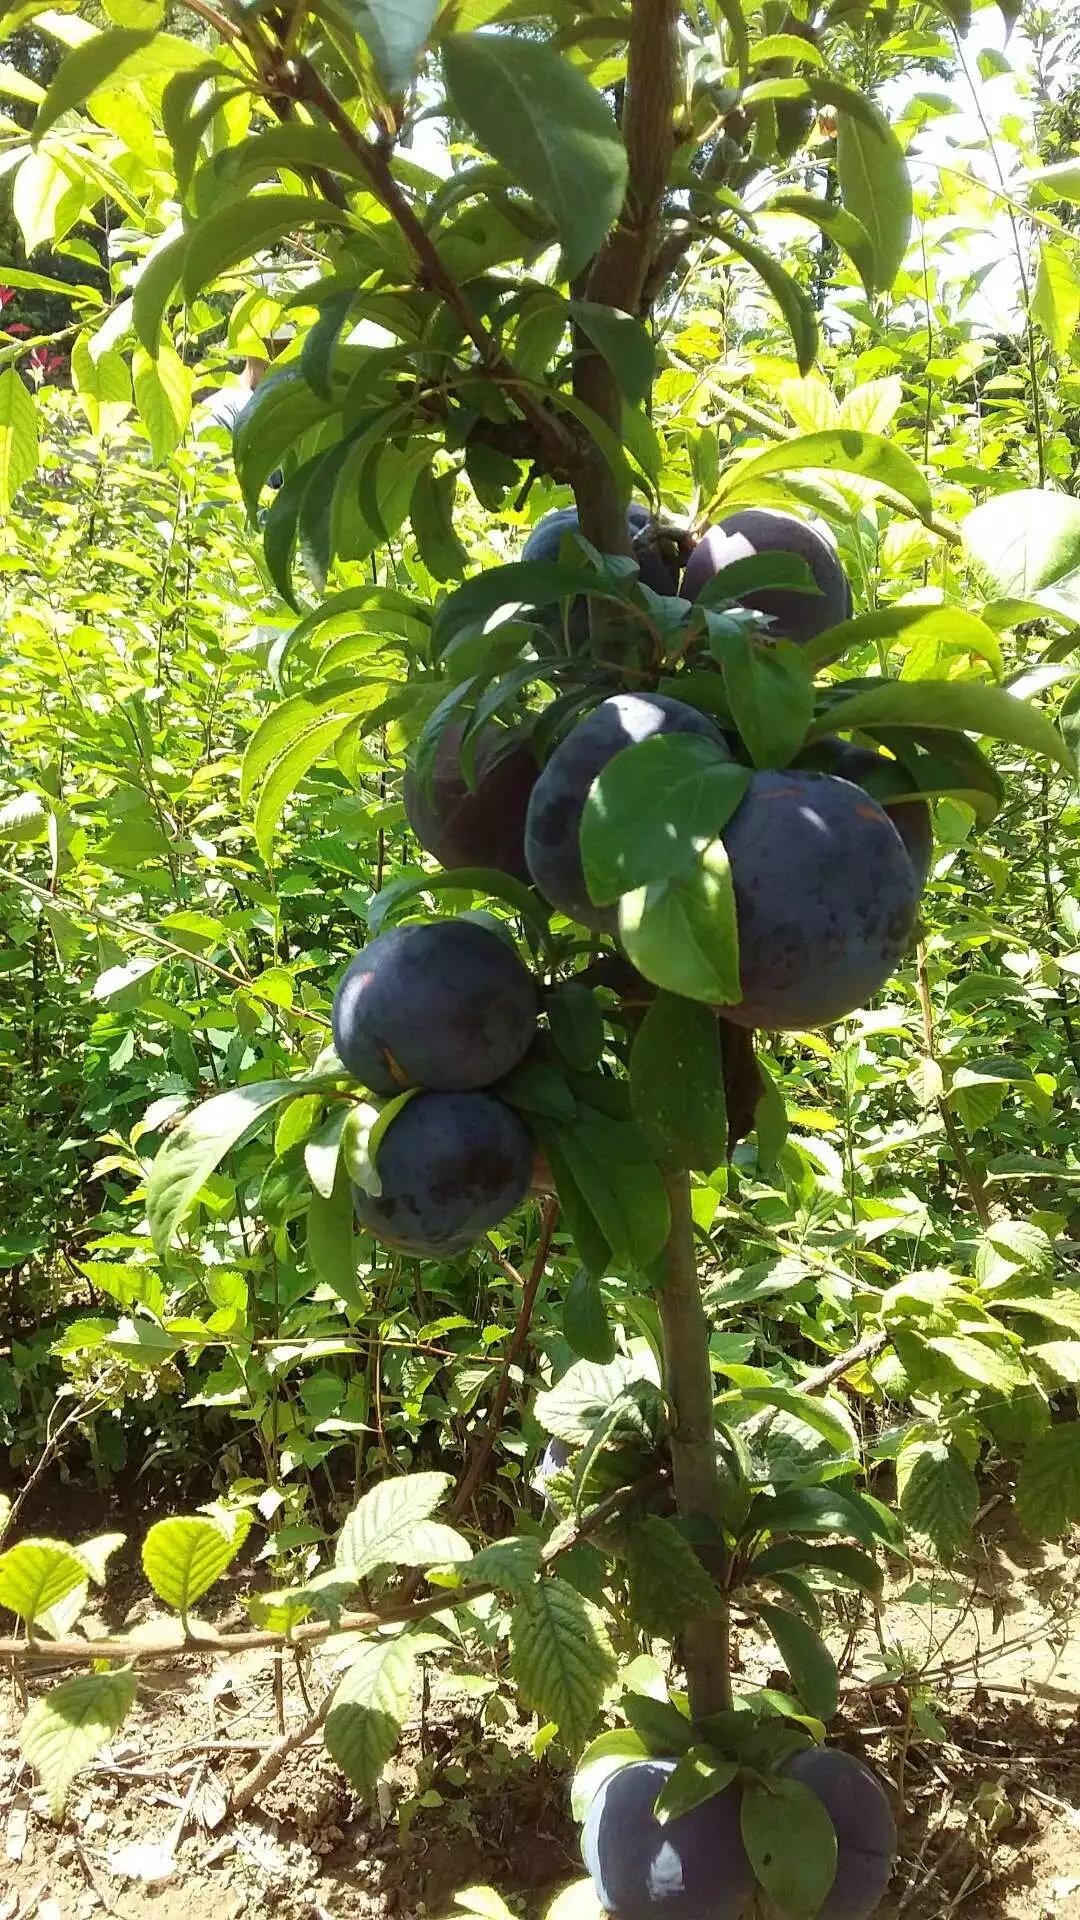 核果类珍稀品种高档果 - 黄牛 - 人生价值的追求者……